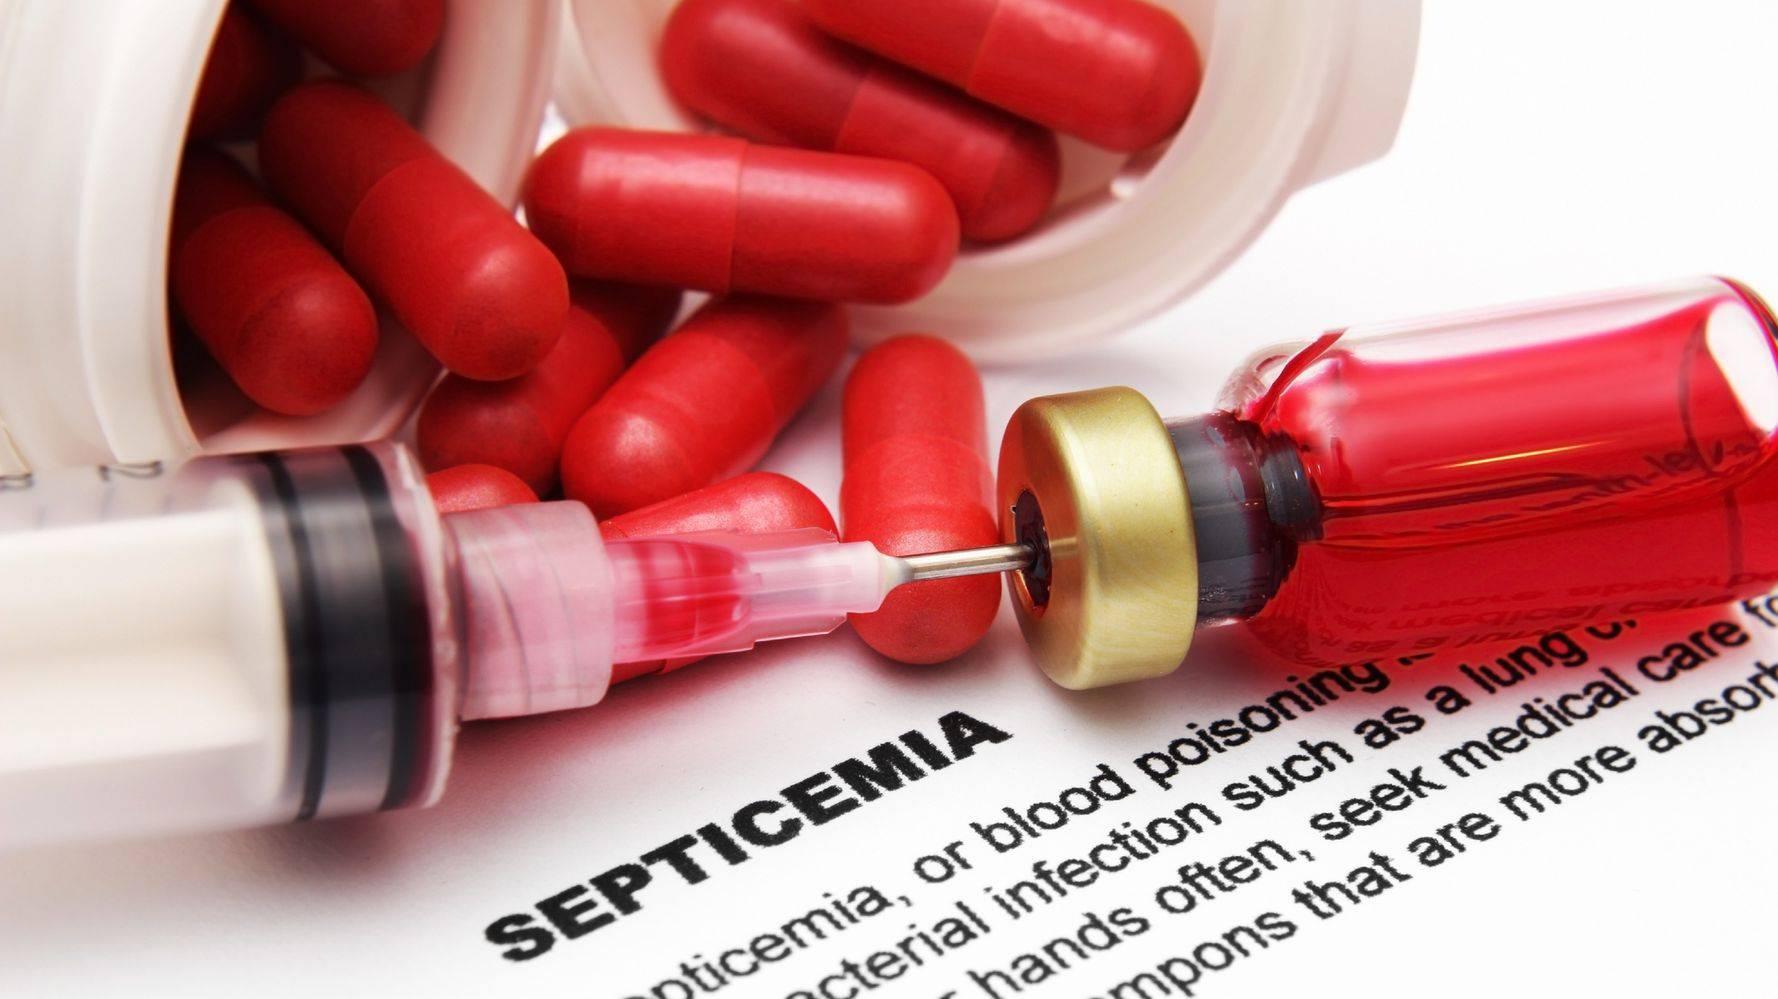 Сепсис крови — что это такое, последствия и лечение